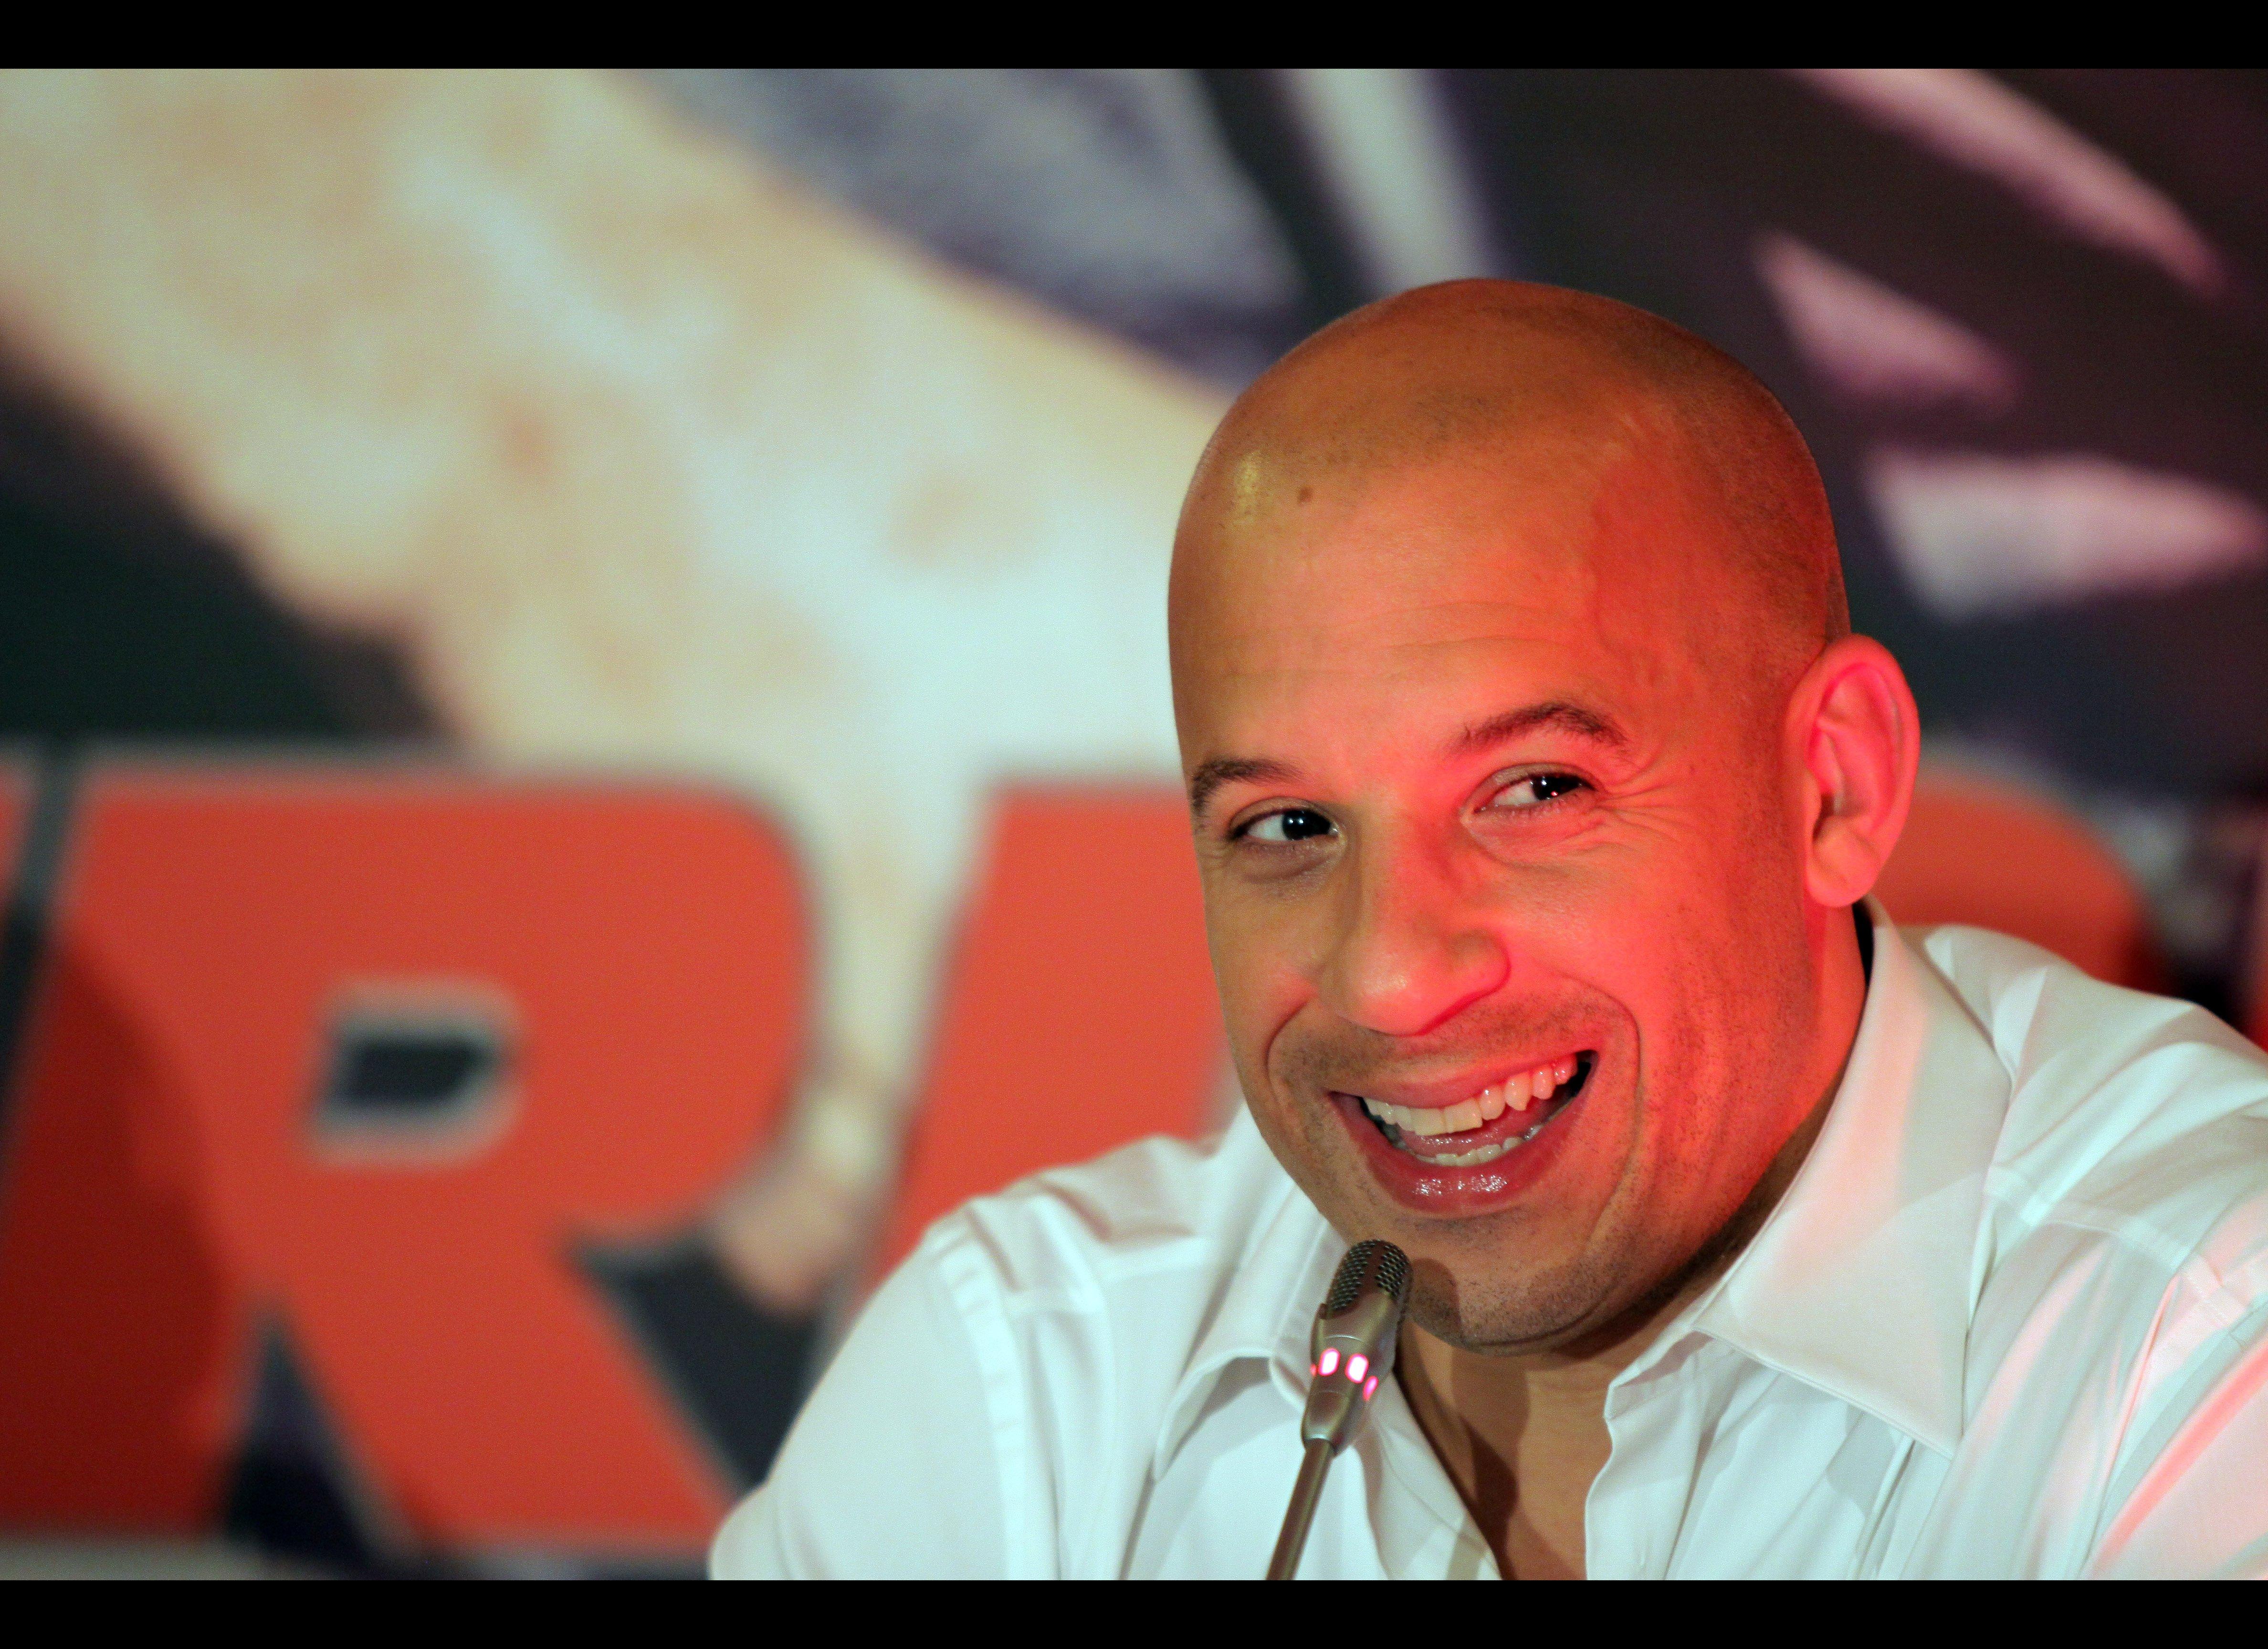 Vin Diesel Rumors